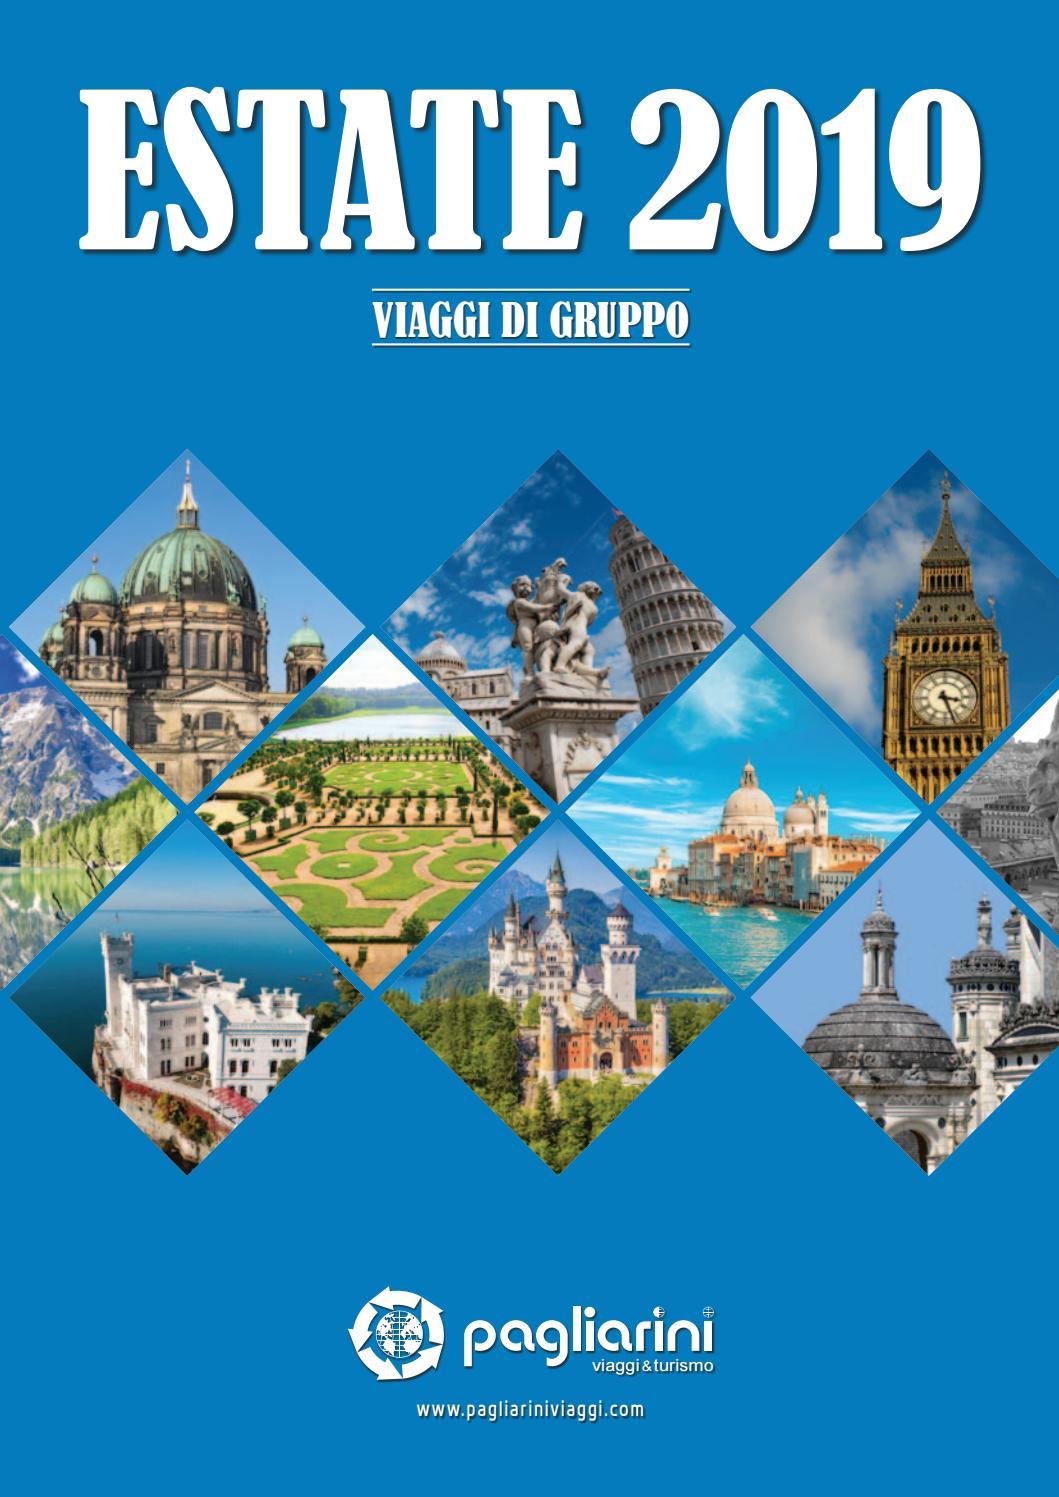 Pagliarini viaggi & turismo - Estate 2019 - Viaggi di ...